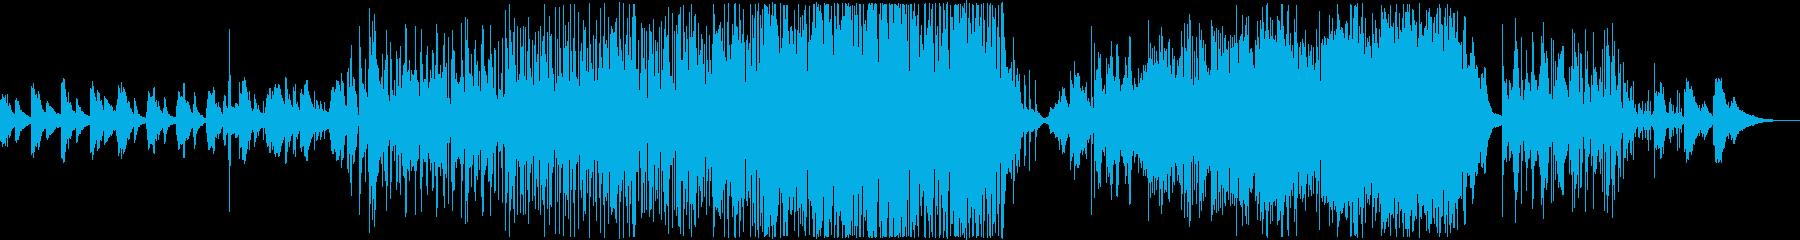 落ち着く雨のようなピアノトリオの再生済みの波形